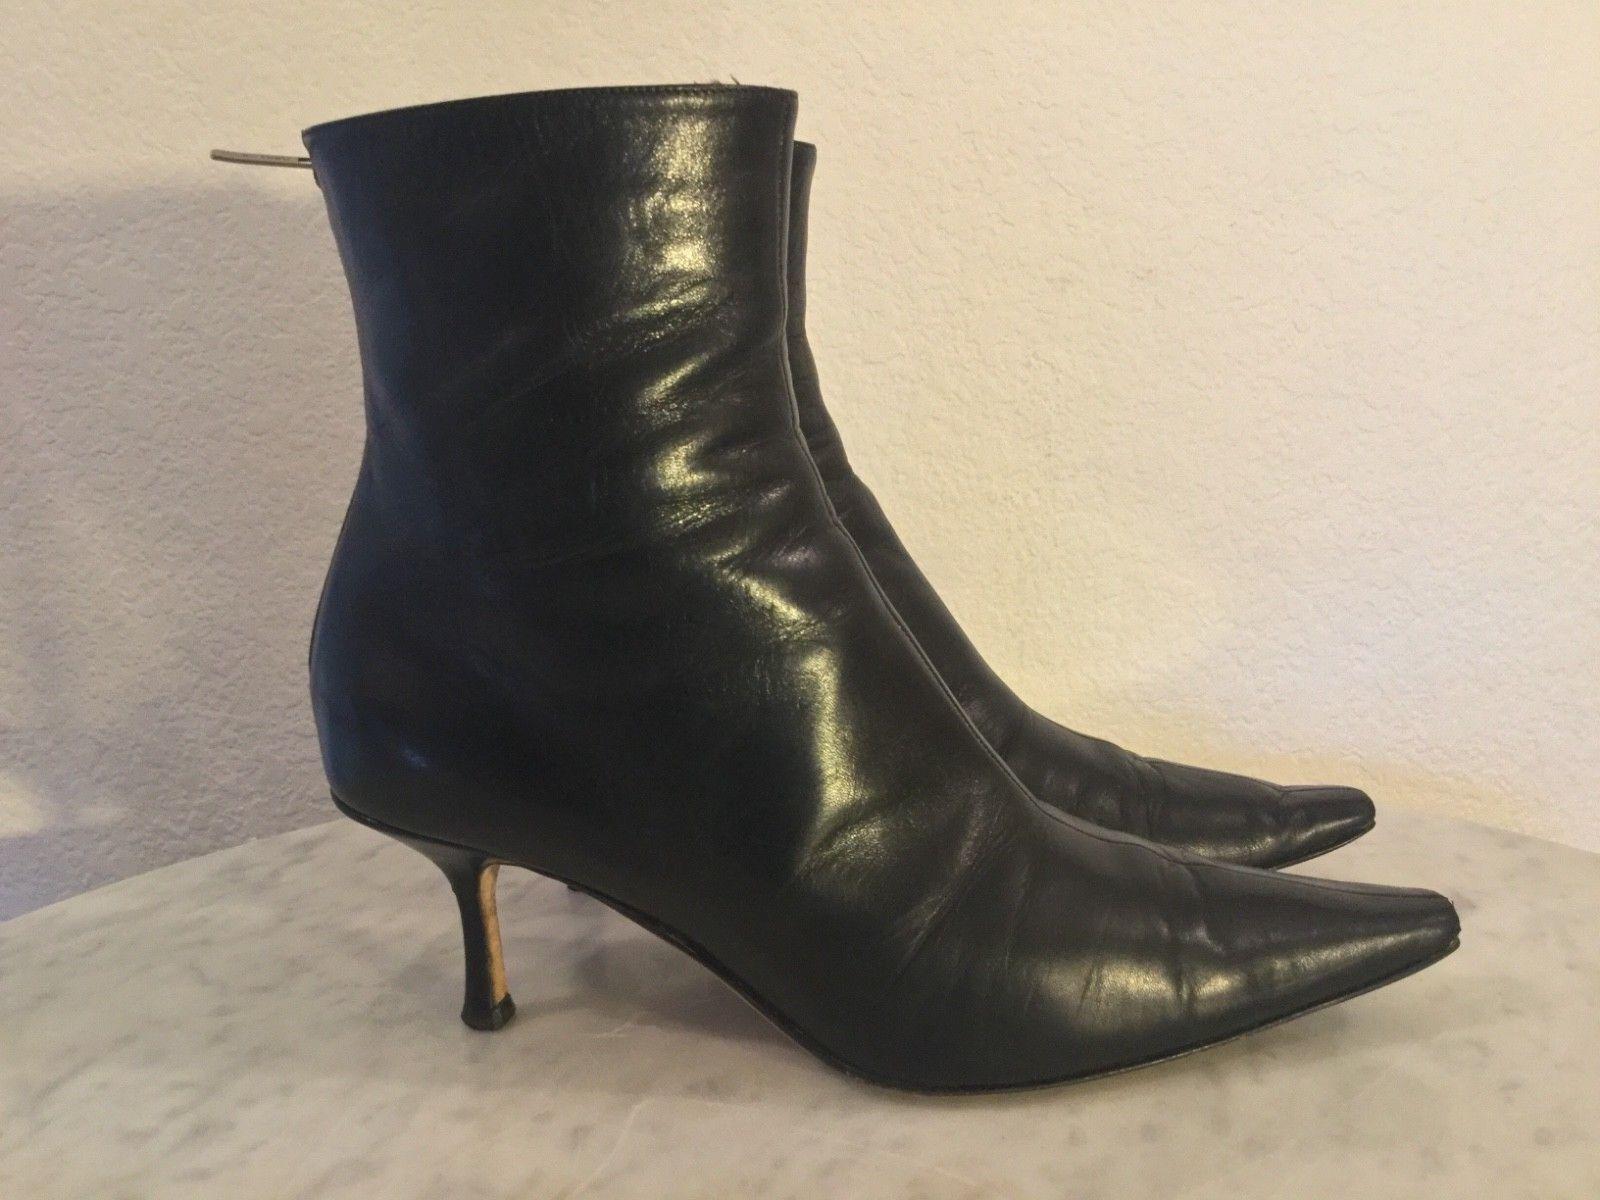 Jimmy Jimmy Jimmy Choo Cuero Negro Puntera Puntiaguda al tobillo Botines. para mujer Talla 39 1 2 M. de Italia.  100% autentico